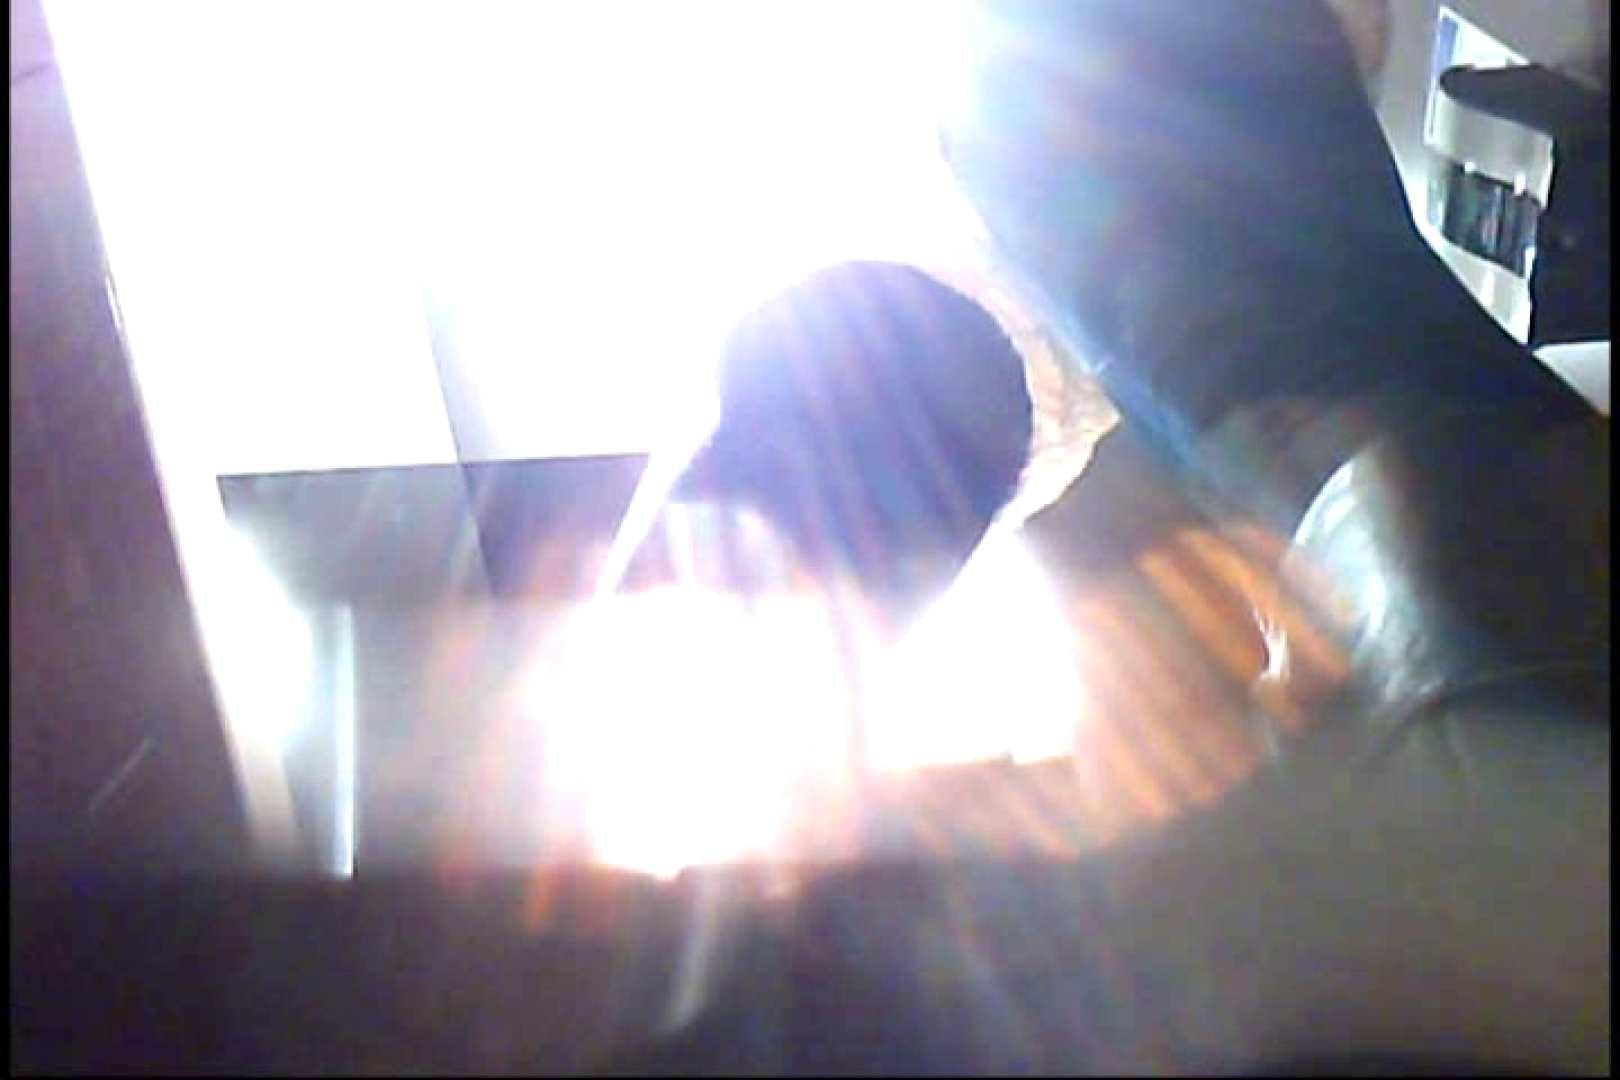 亀さんかわや VIPバージョン! vol.38 OL女体 オマンコ無修正動画無料 104連発 8